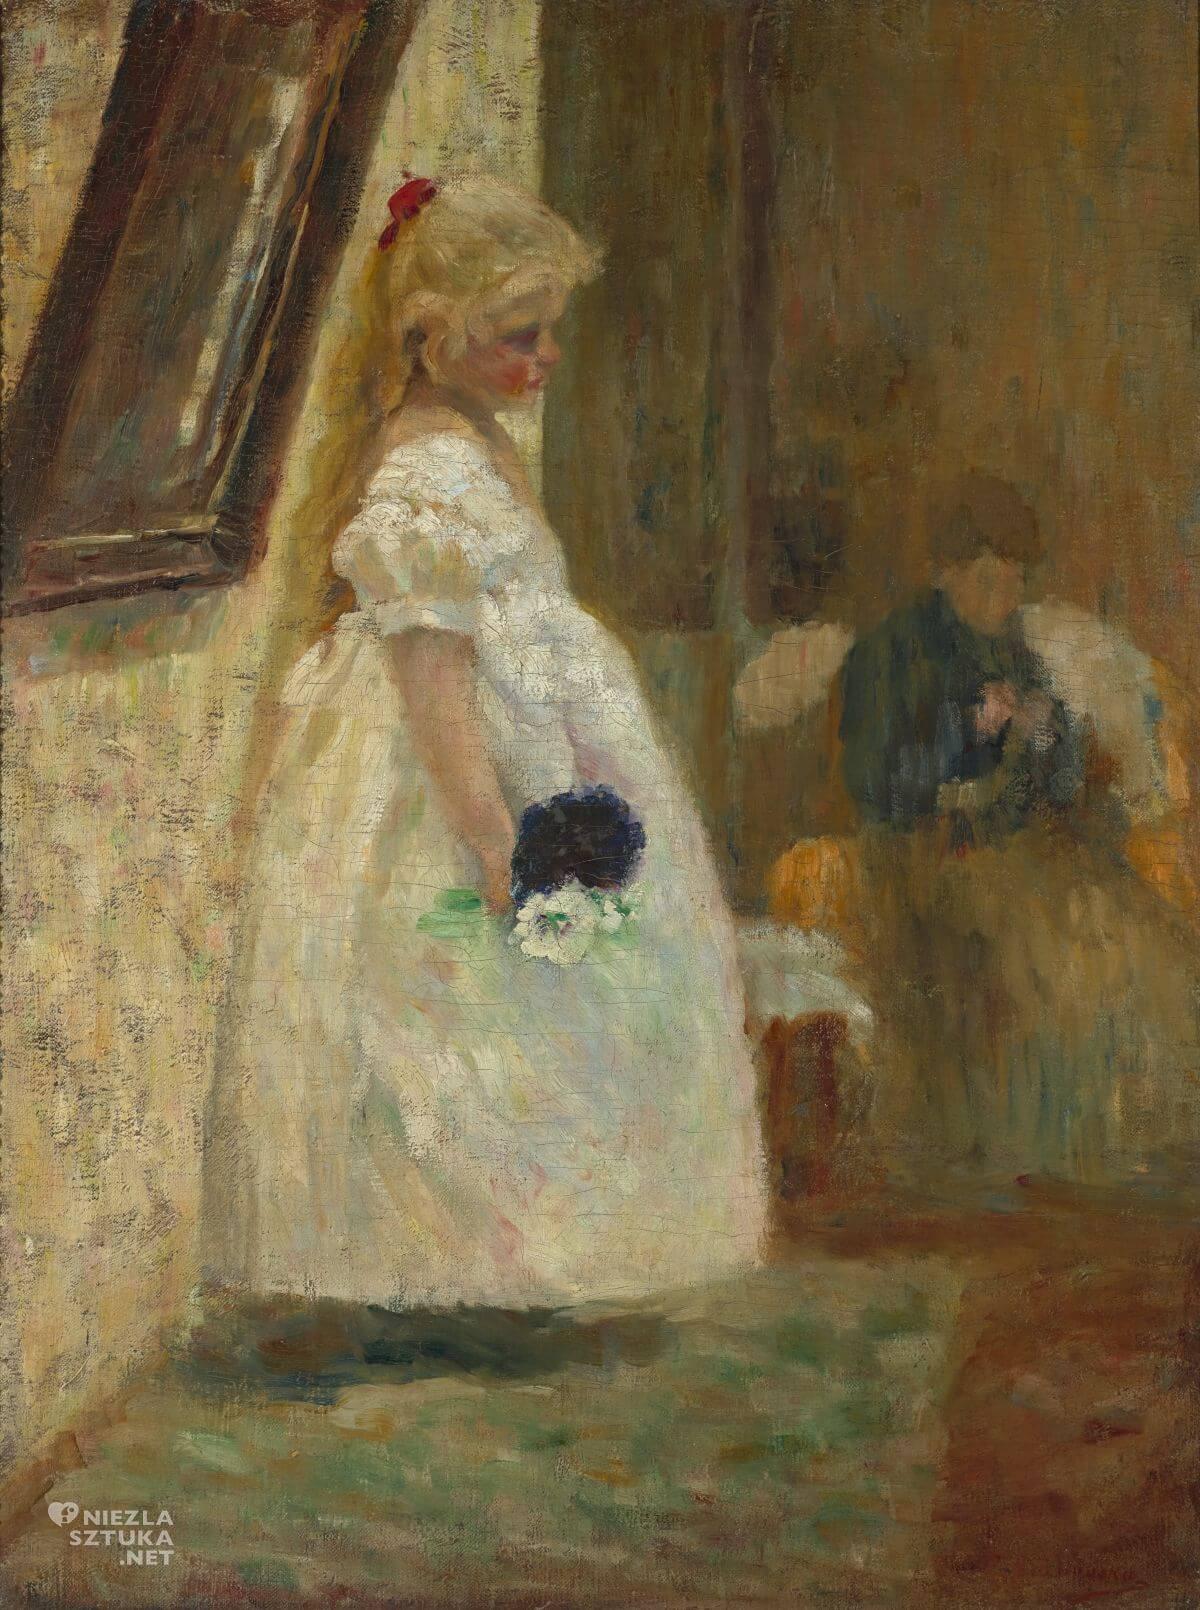 Olga Boznańska, Imieniny babuni, dziecko w sztuce, sztuka polska, malarstwo polskie, Niezła sztuka